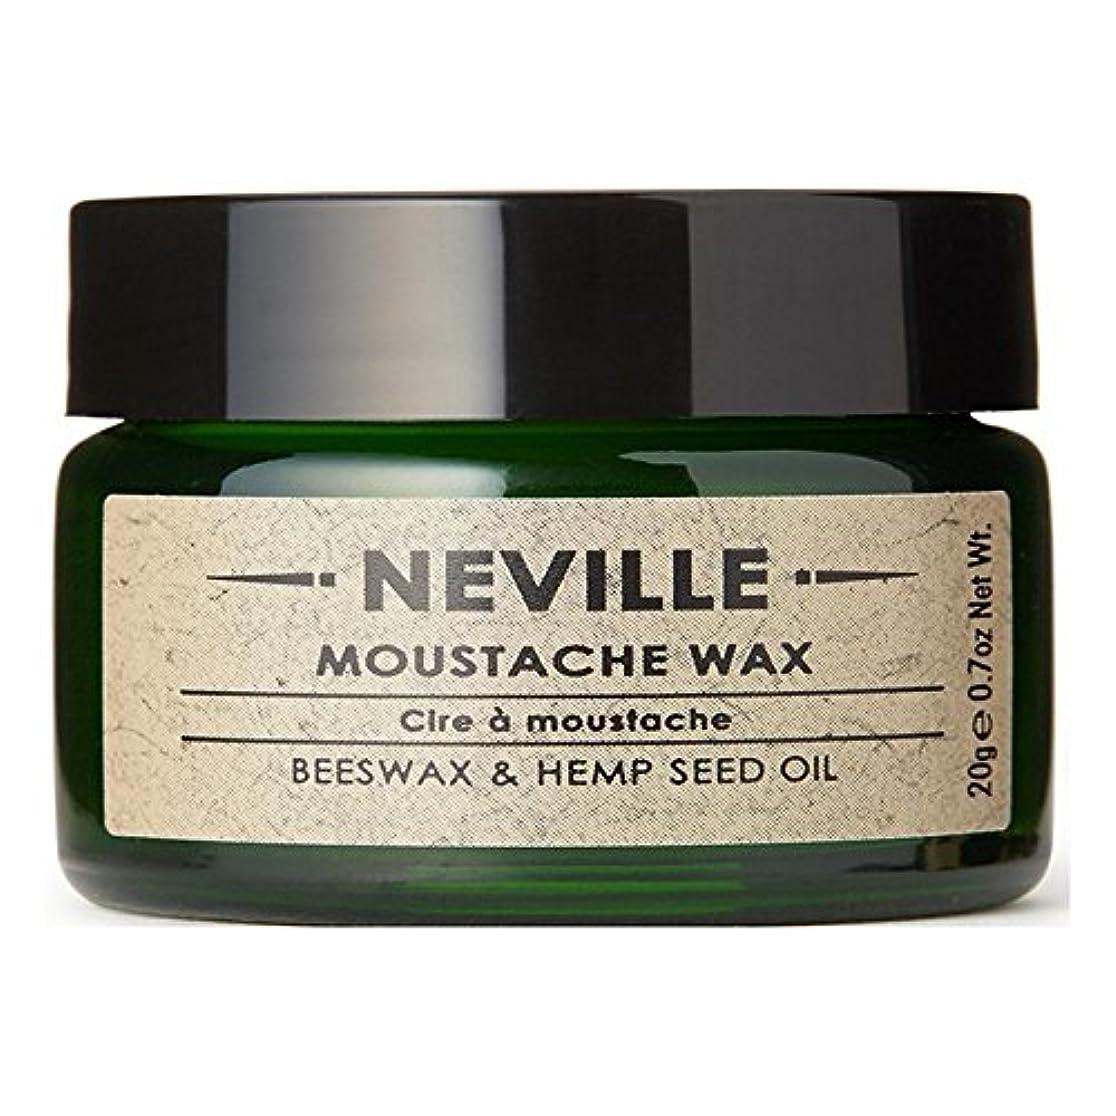 欠如必要ない不測の事態ネビル口ひげワックス x4 - Neville Moustache Wax (Pack of 4) [並行輸入品]